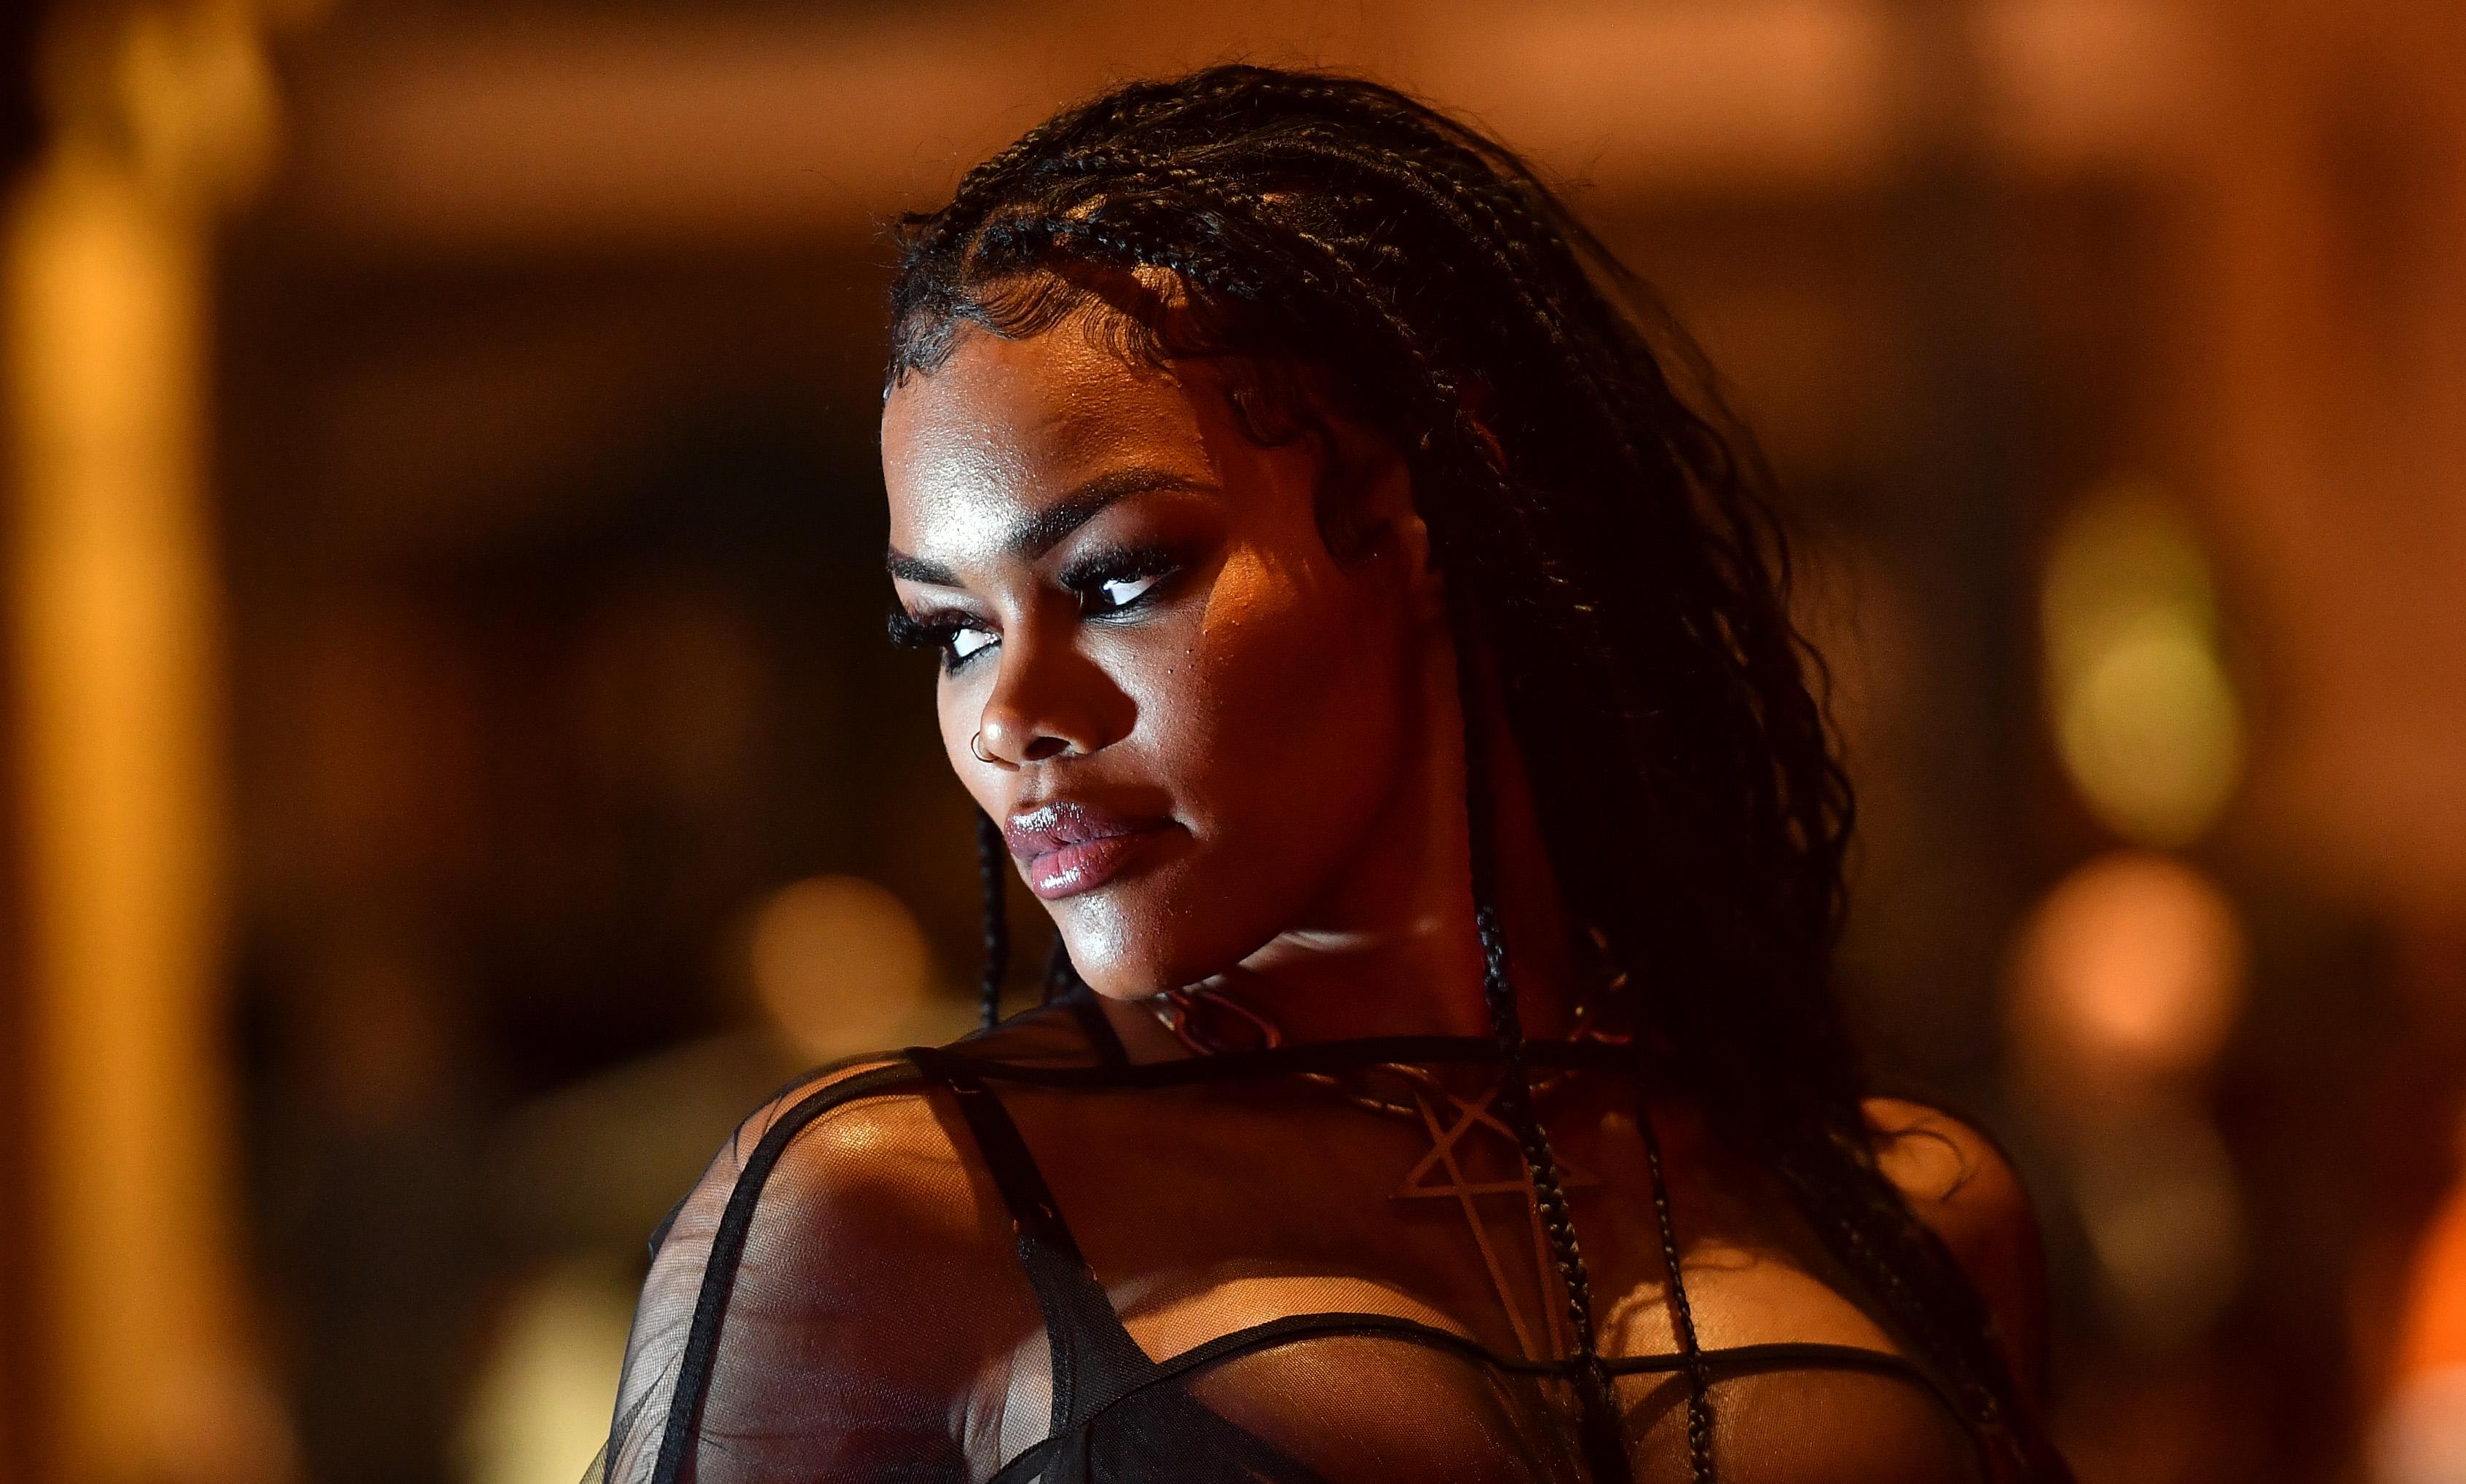 Woman of sexiest SEXIEST WOMEN